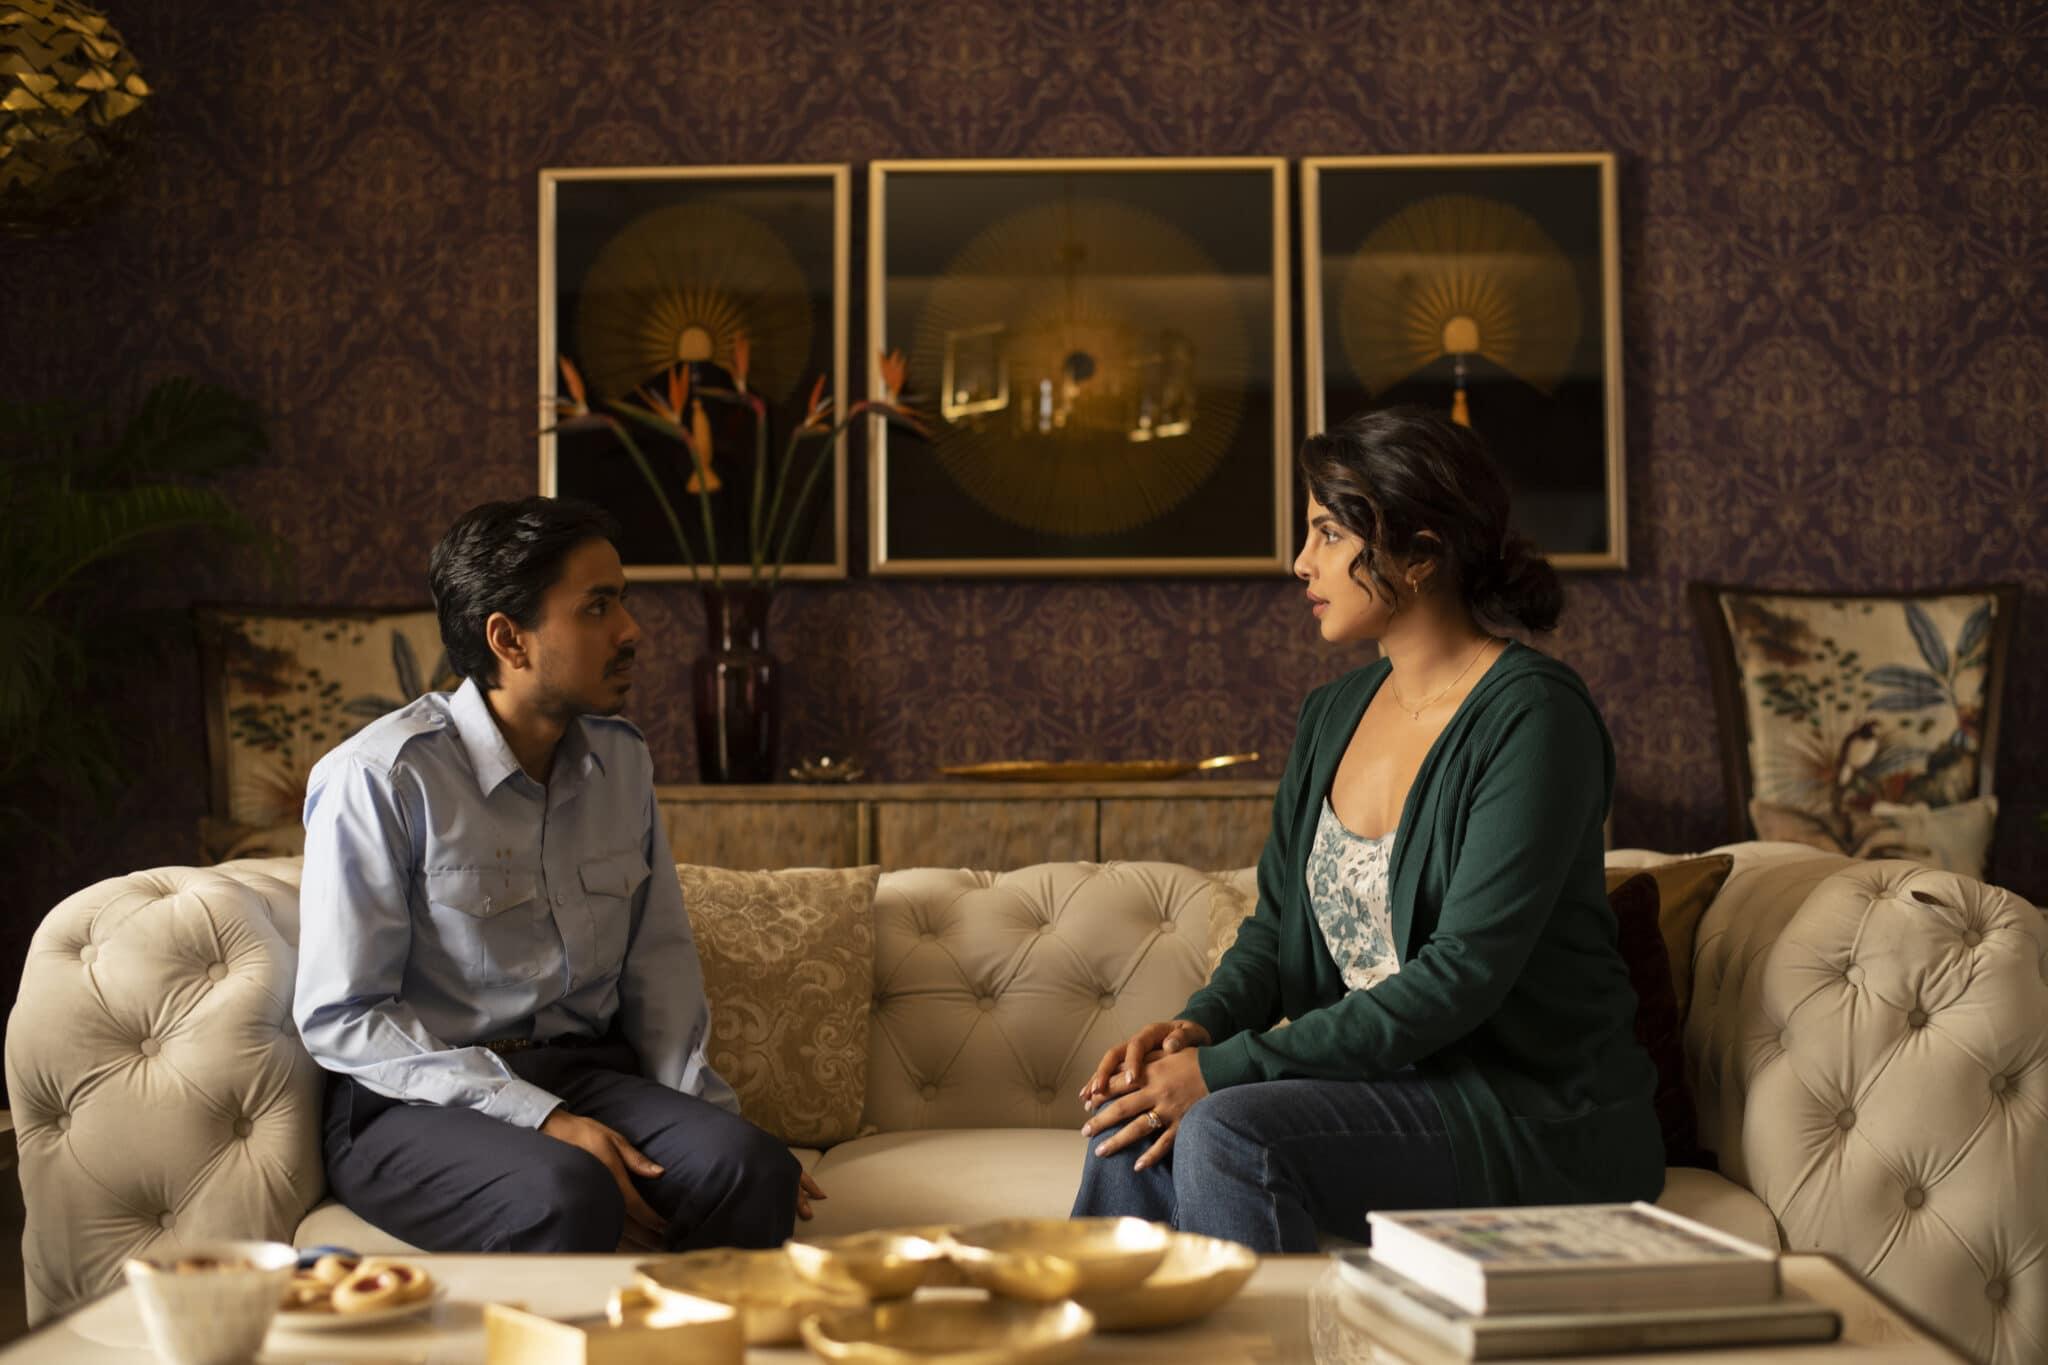 Balram (Adarsh Gourav) sitzt seiner Herrin (Priyanka Chopra) auf einem noblem weißen Sofa gegenüber. Im Hintergrund sieht man eine gemustert tapezierte Wand mit drei Bildern in goldenem Rahmen.